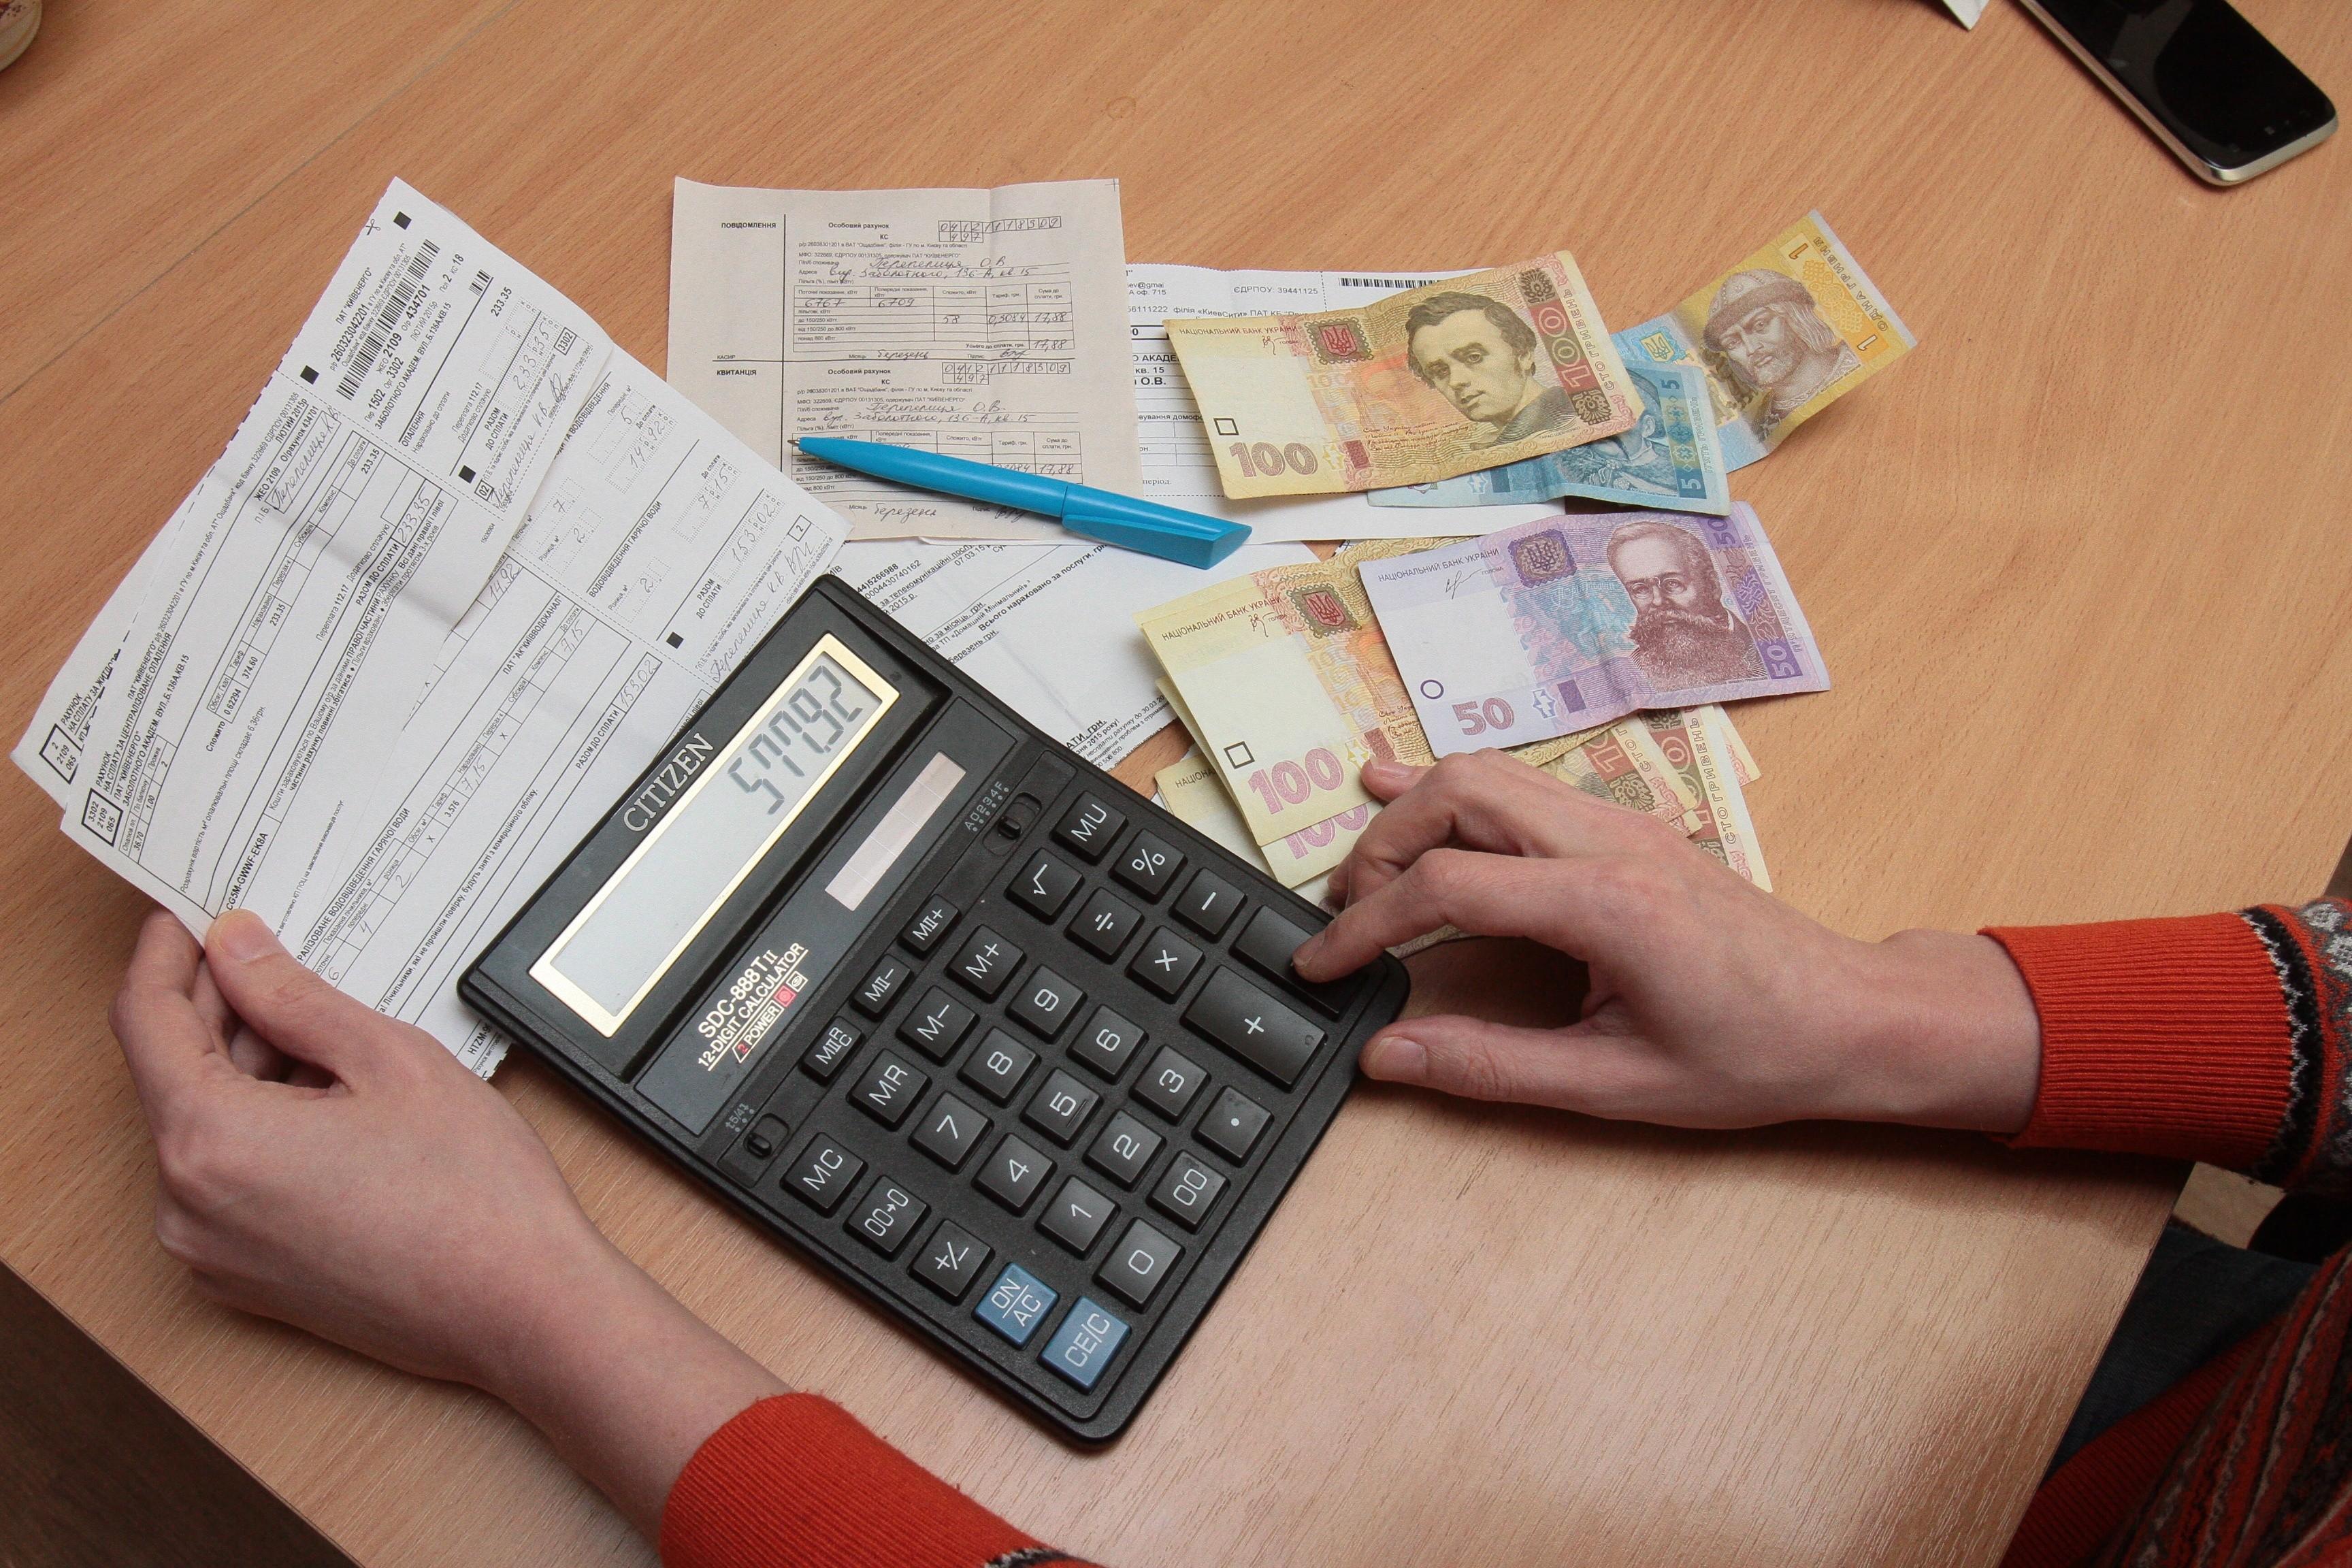 Наданный момент гиперинфляция вУкраинском государстве преодолена,— Розенко